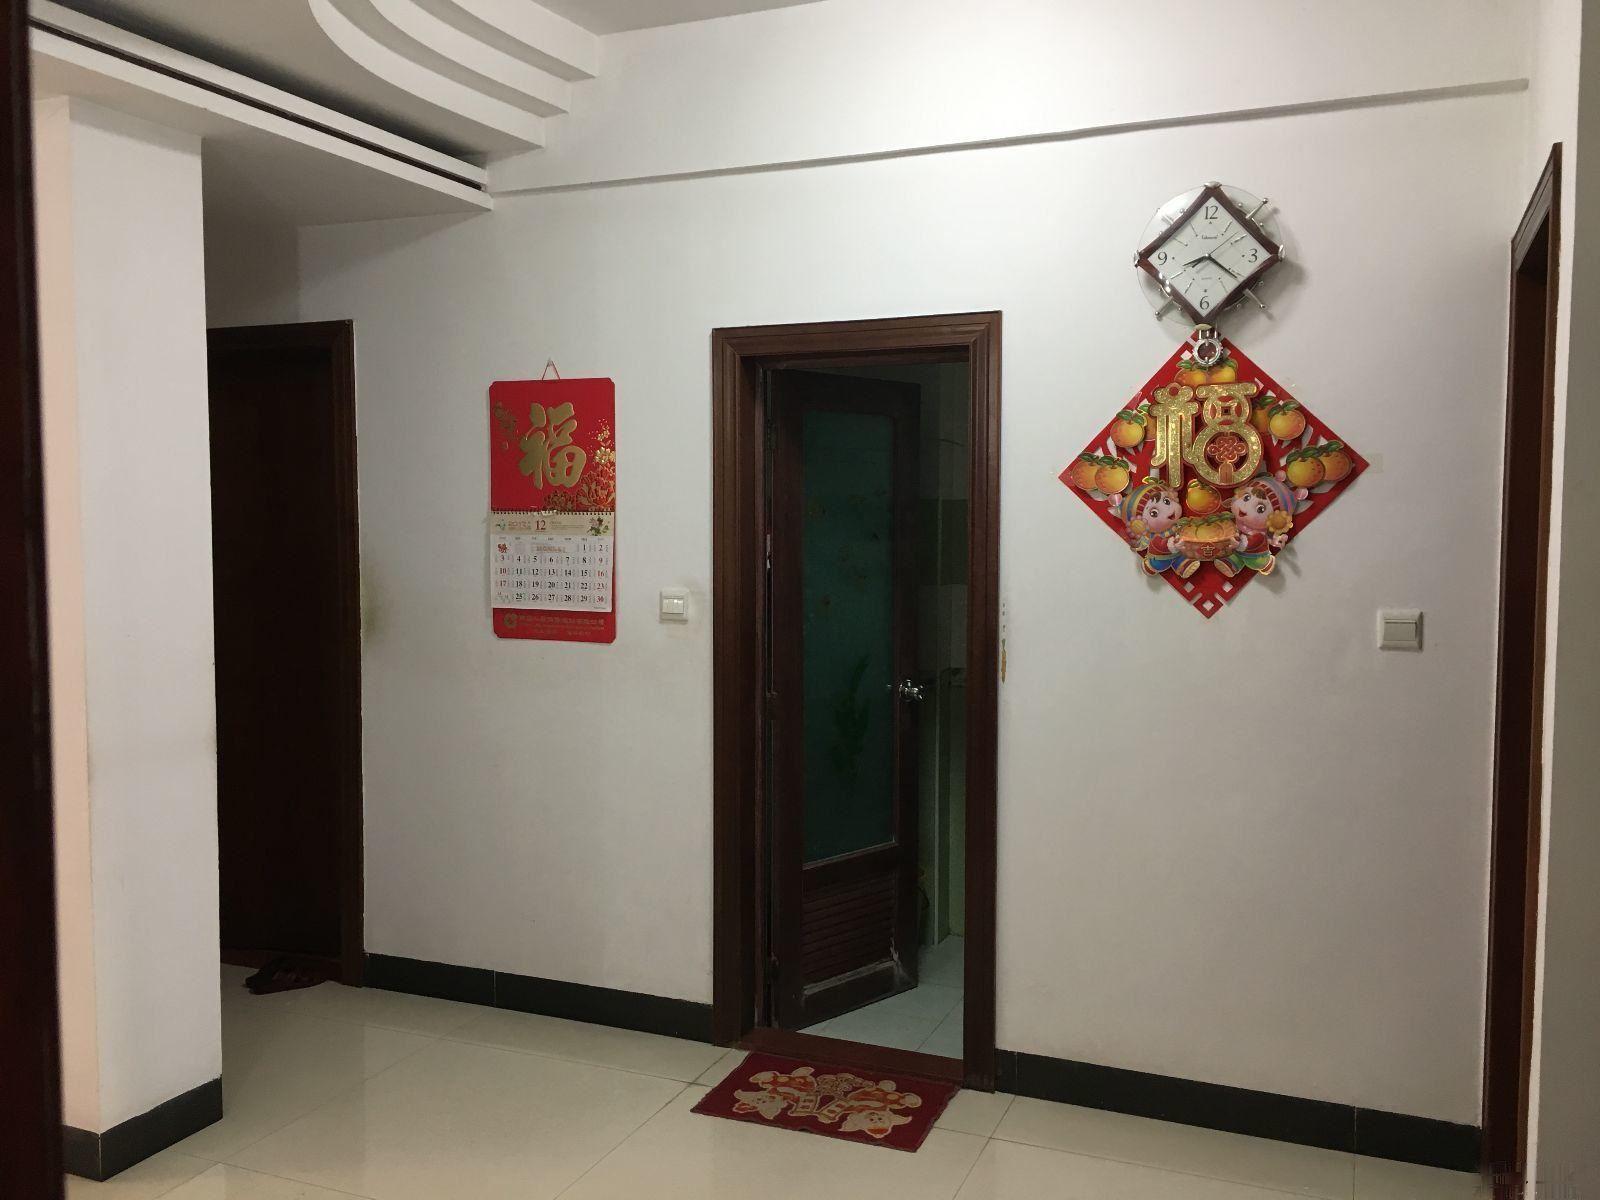 育德世纪花源 3室2厅1卫 83.5平米